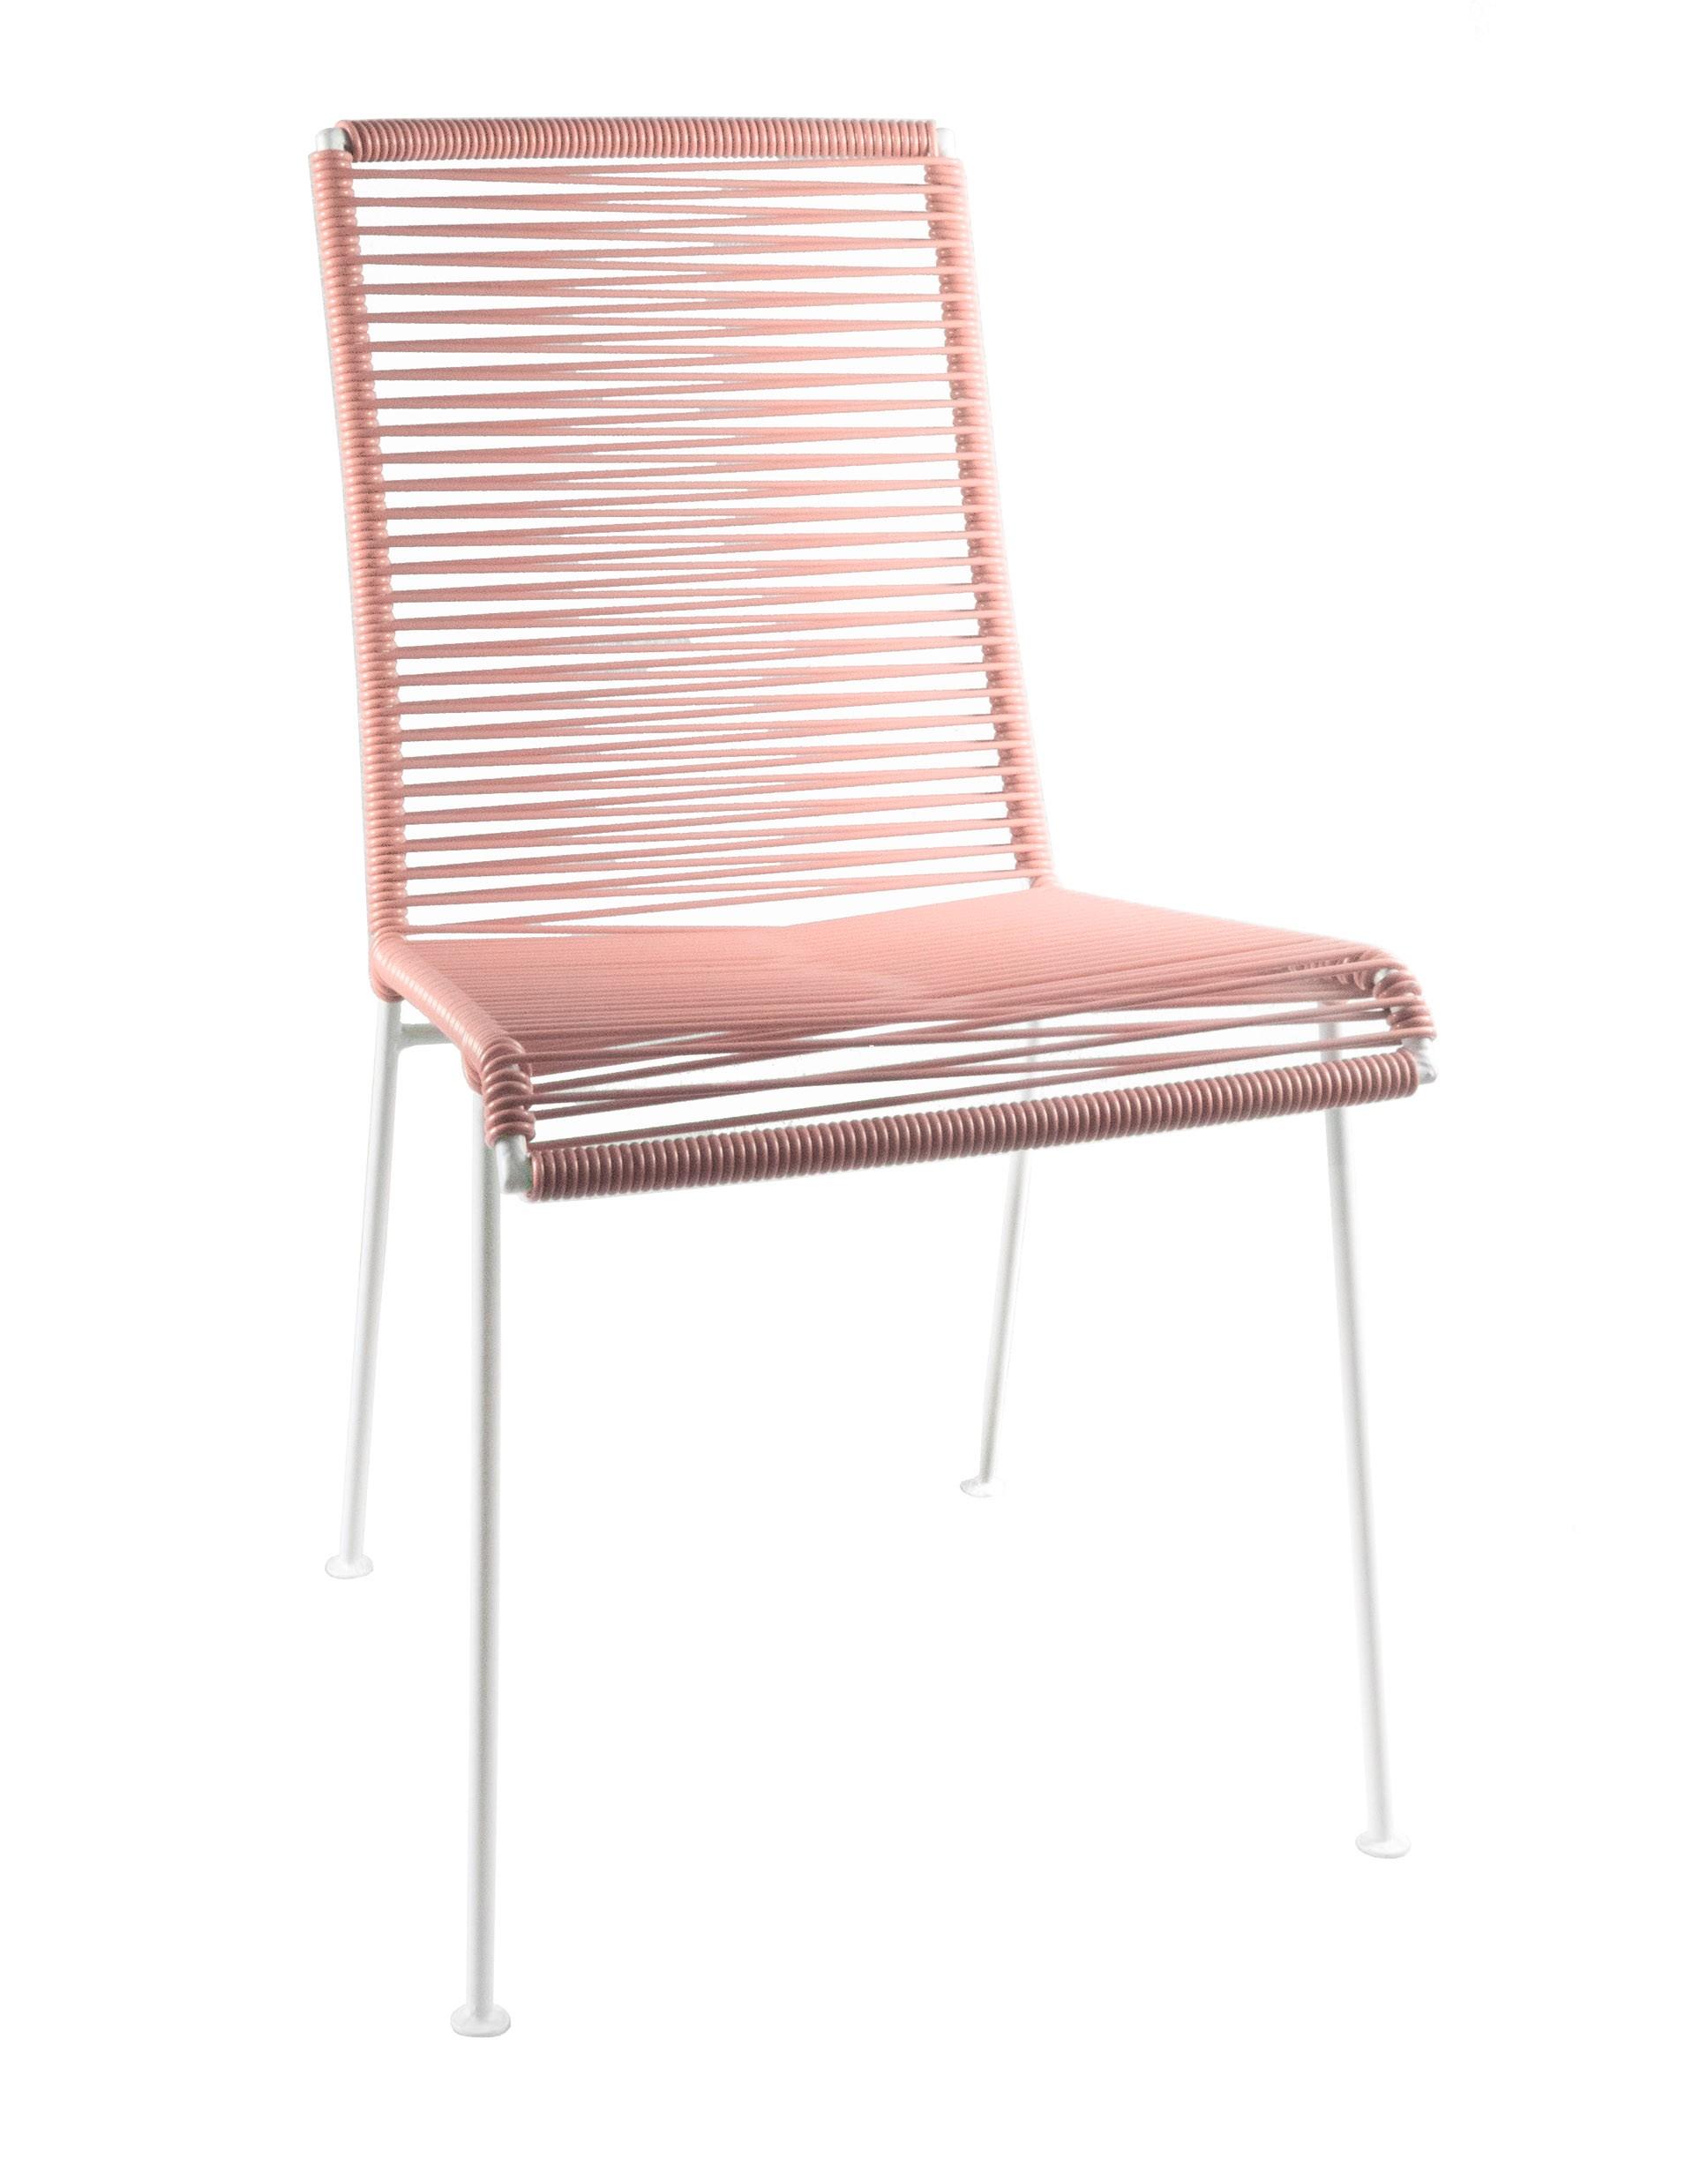 chaise mazunte de boqa avec structure blanche rose poudr. Black Bedroom Furniture Sets. Home Design Ideas